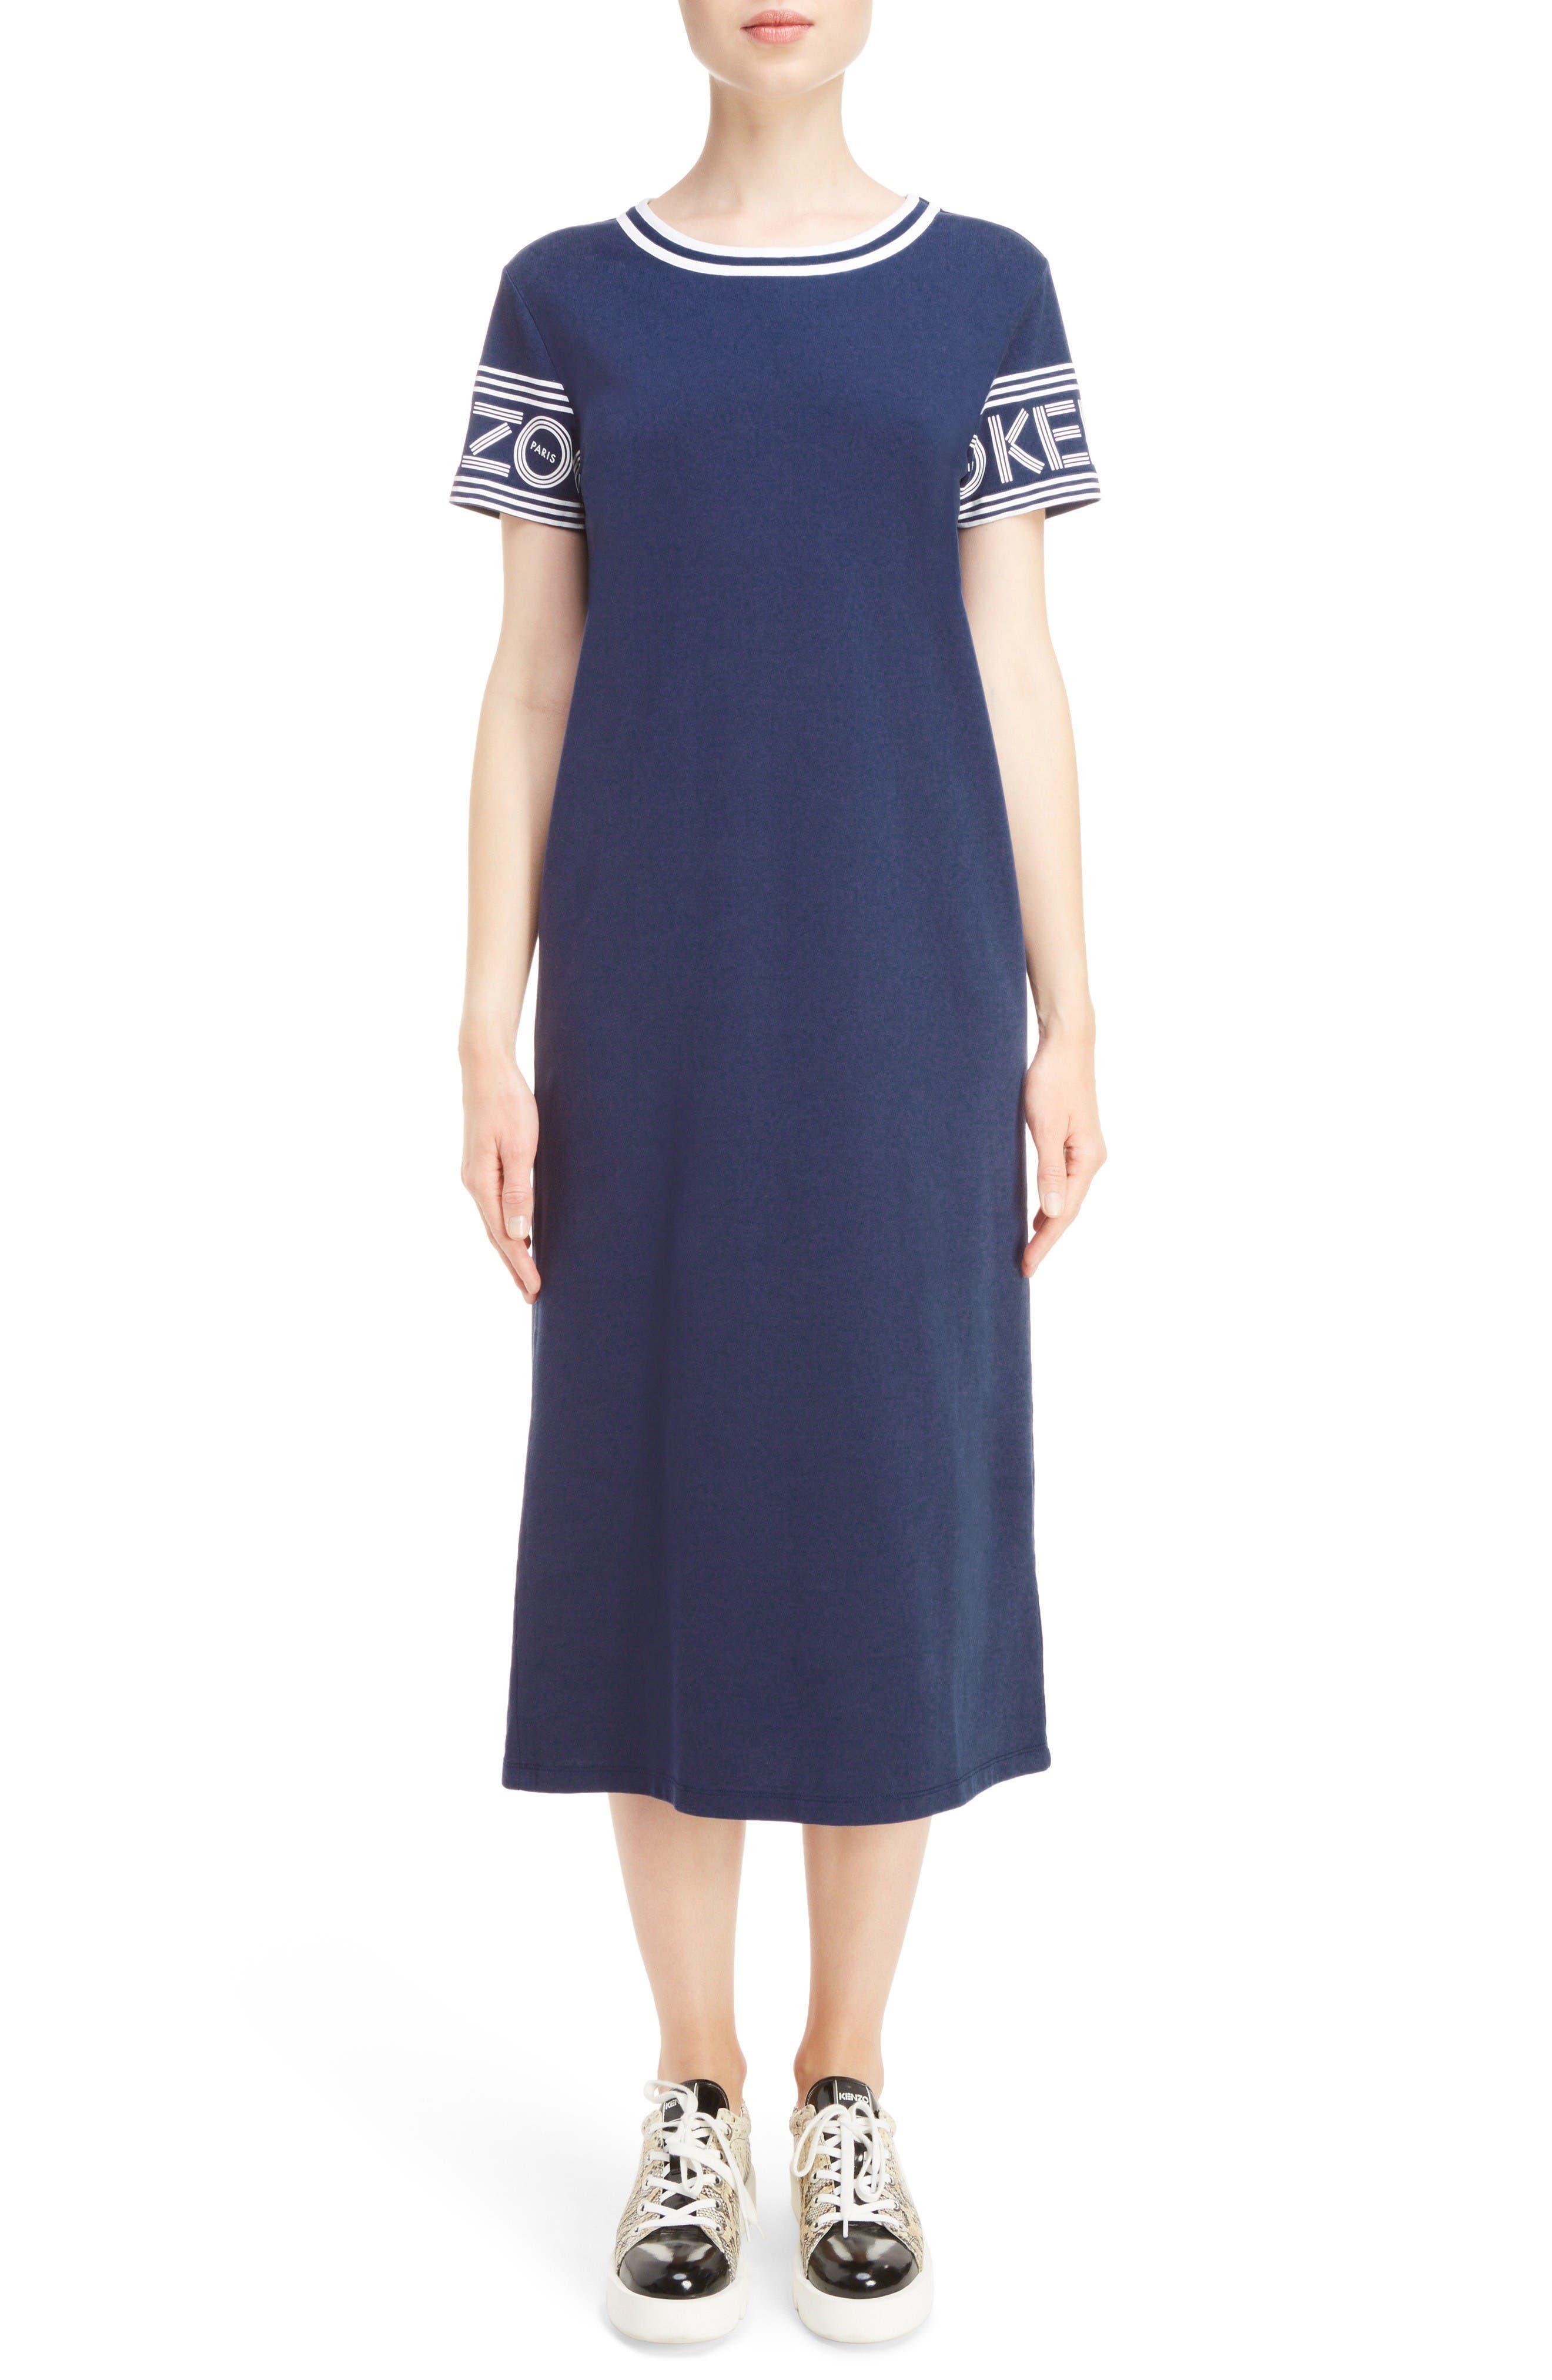 KENZO Cotton Jersey Skate Dress